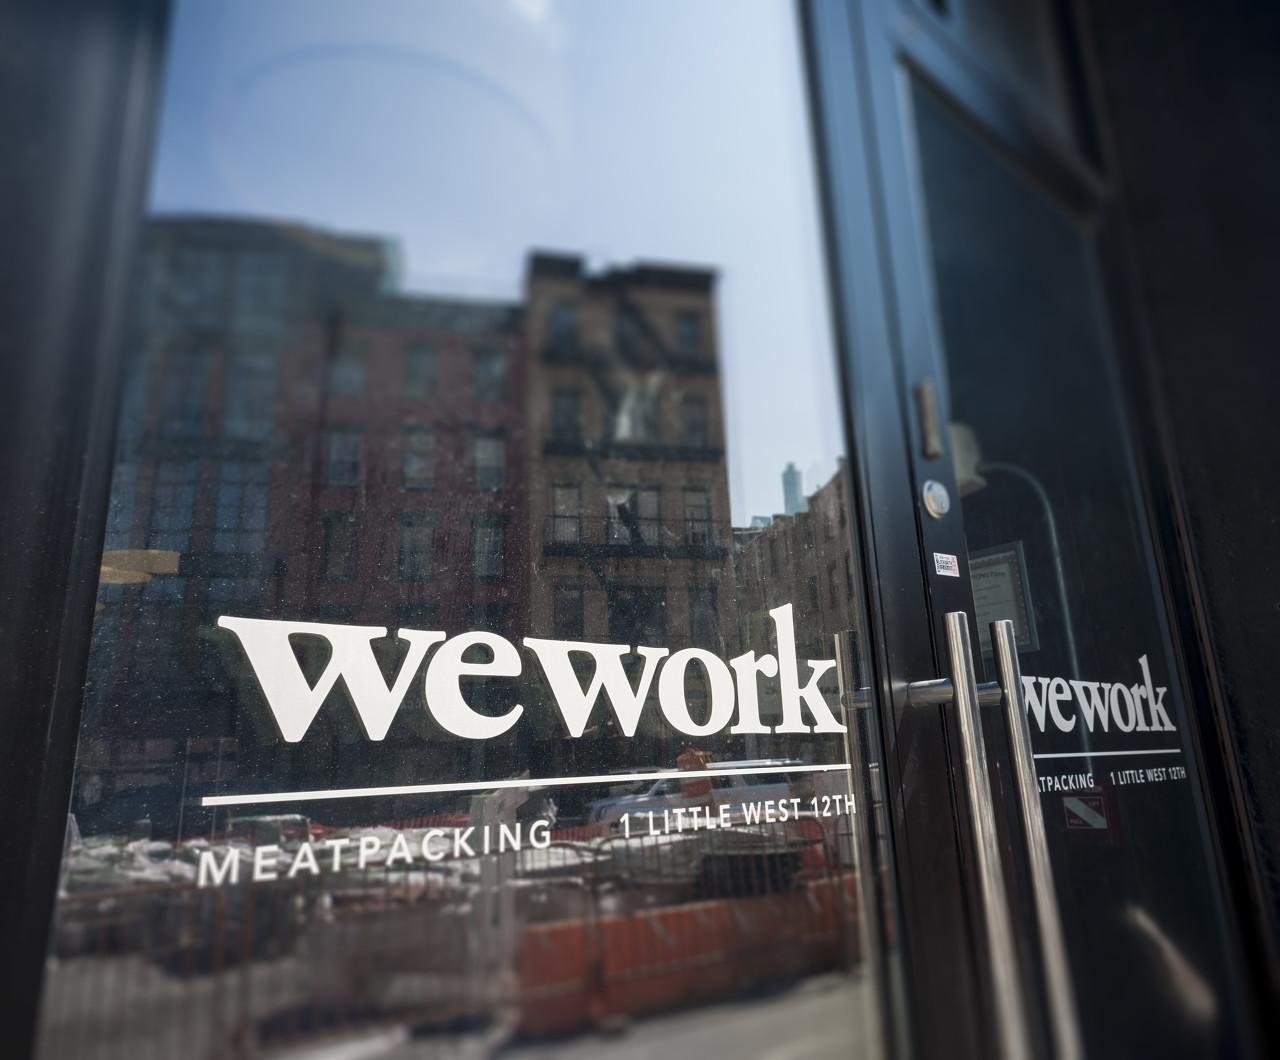 原创WeWork估值跌至250亿美元,下周如期上市可能性不大